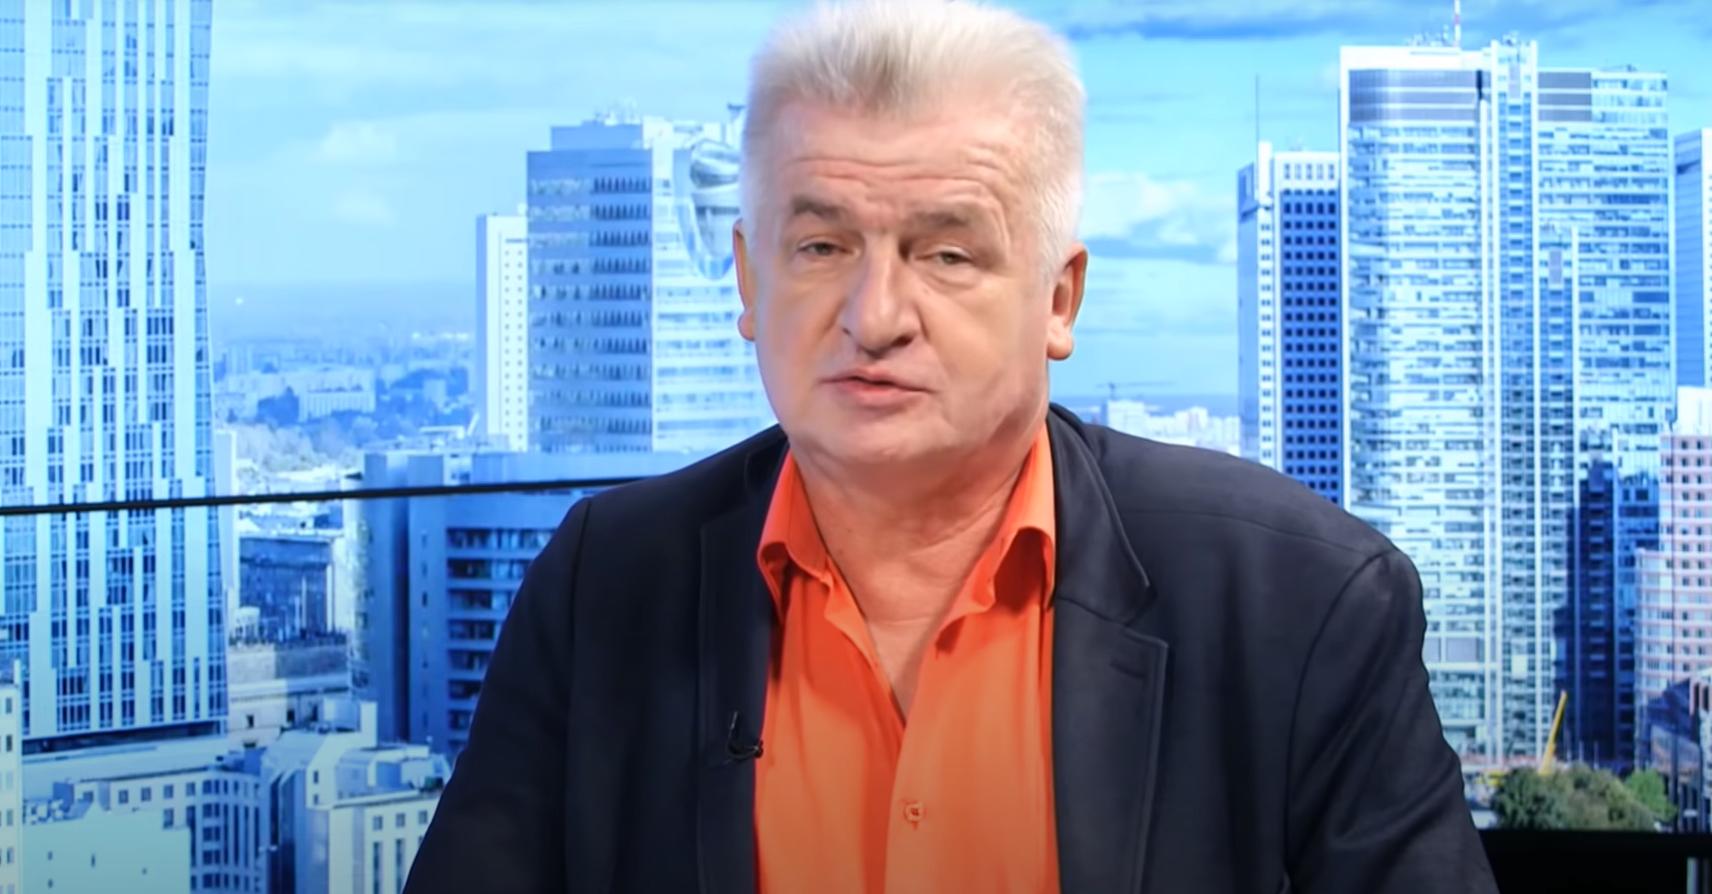 """Ikonowicz: """"Nie będę współpracował z Wróblewskim, jeśli zostanie RPO"""". Wszystko przez wniosek dot. aborcji"""